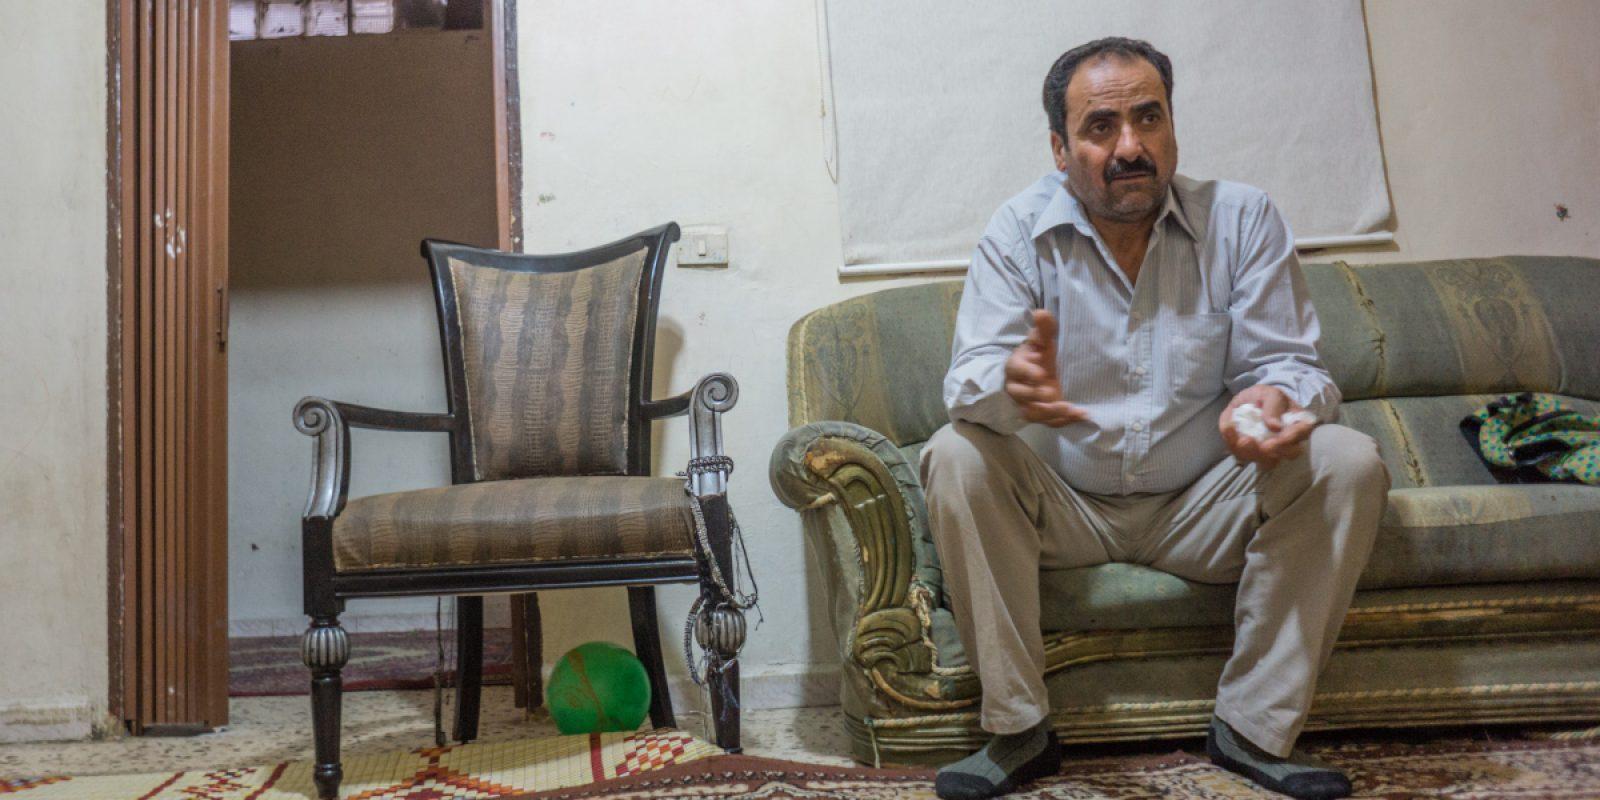 Un homme partage son histoire de son appartement à Beyrouth. (Père Don Doll SJ / Service Jésuite des Réfugiés)